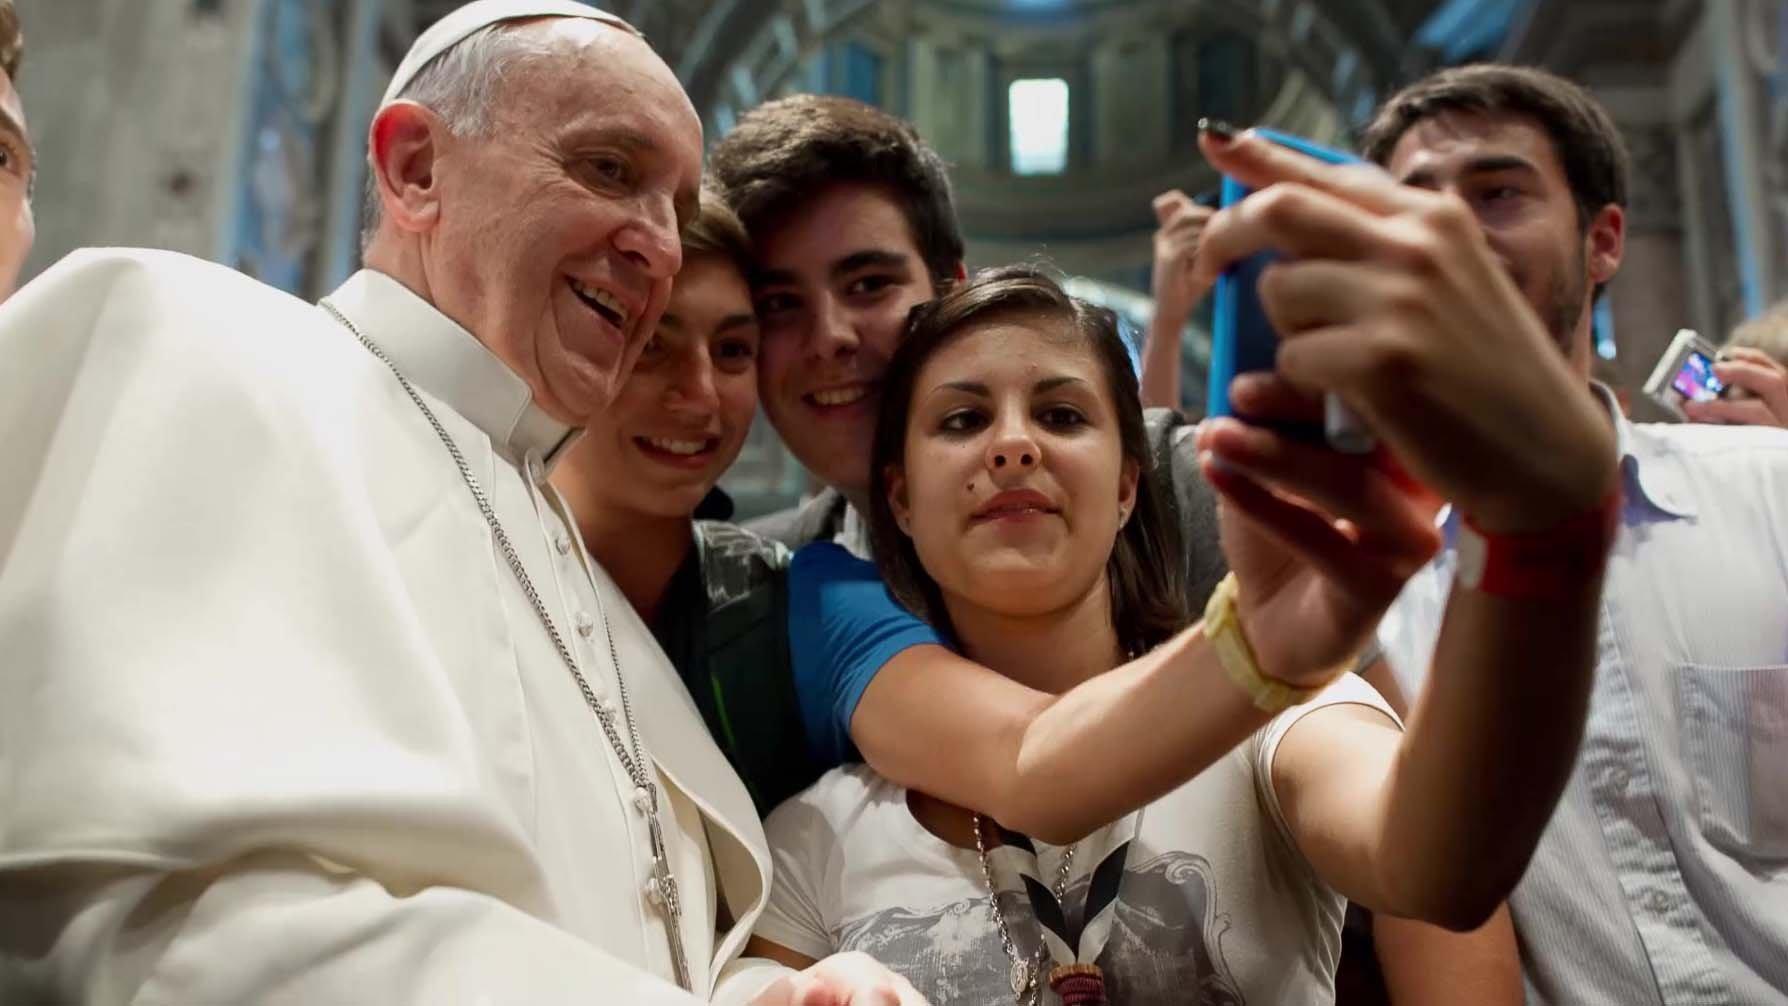 History «Churchbook - Quando la fede si fa social», come cambia la Santa Sede